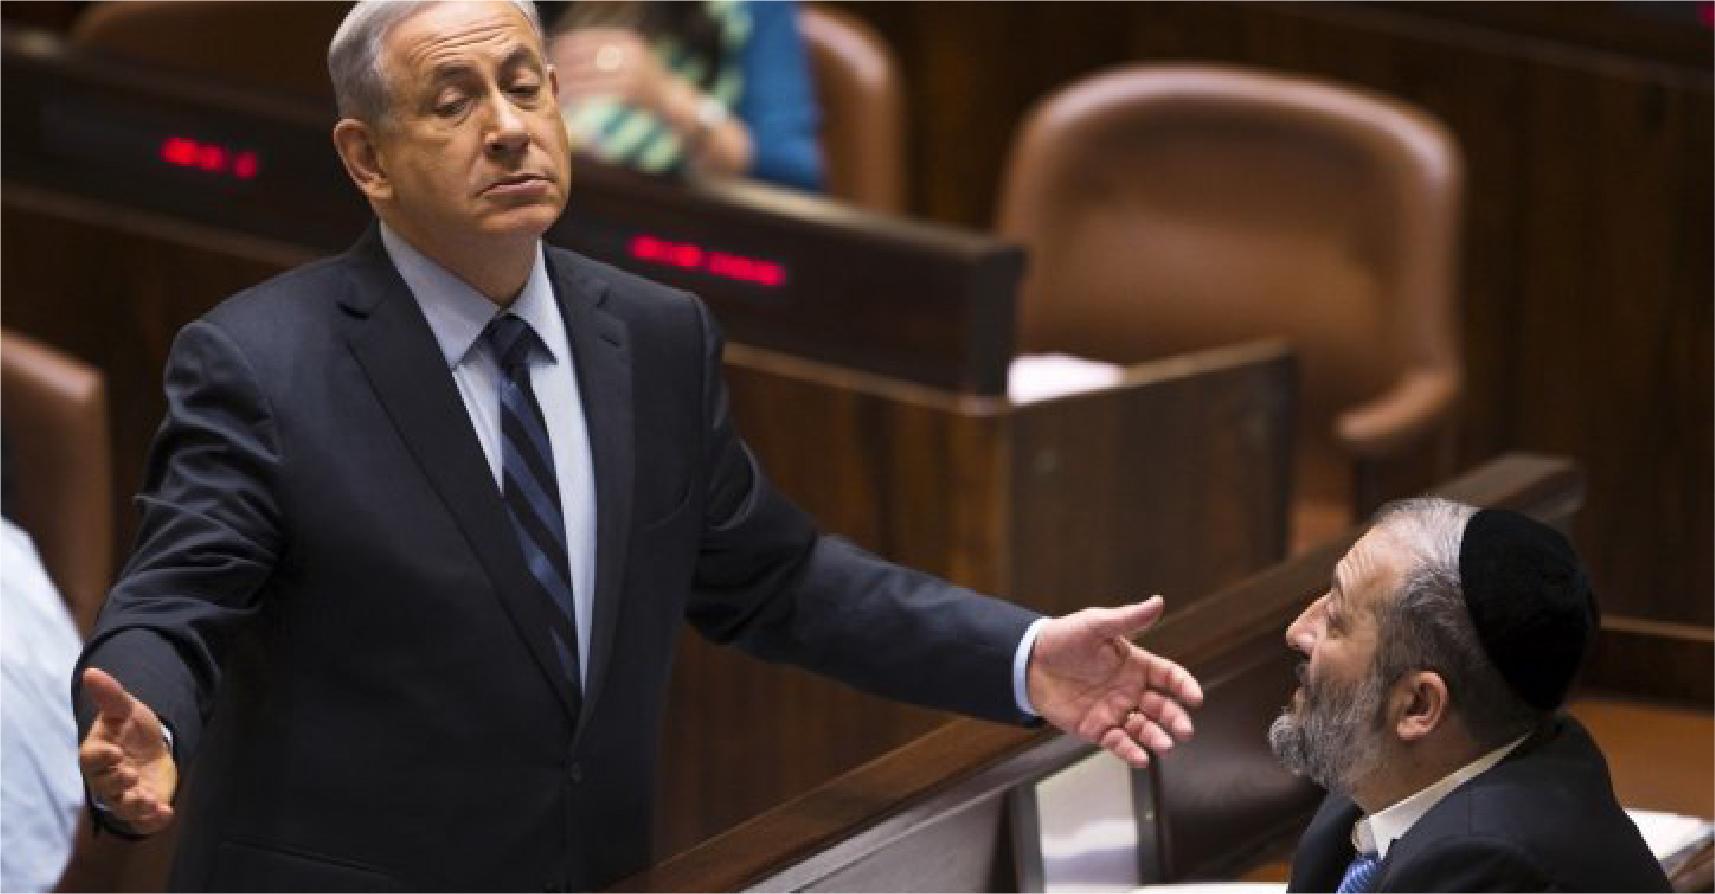 صورة السلطات الإسرائيلية تحاسب نتنياهو لأخذه أموالاً وأعطيات ليست من ممتلكات الفلسطينيين